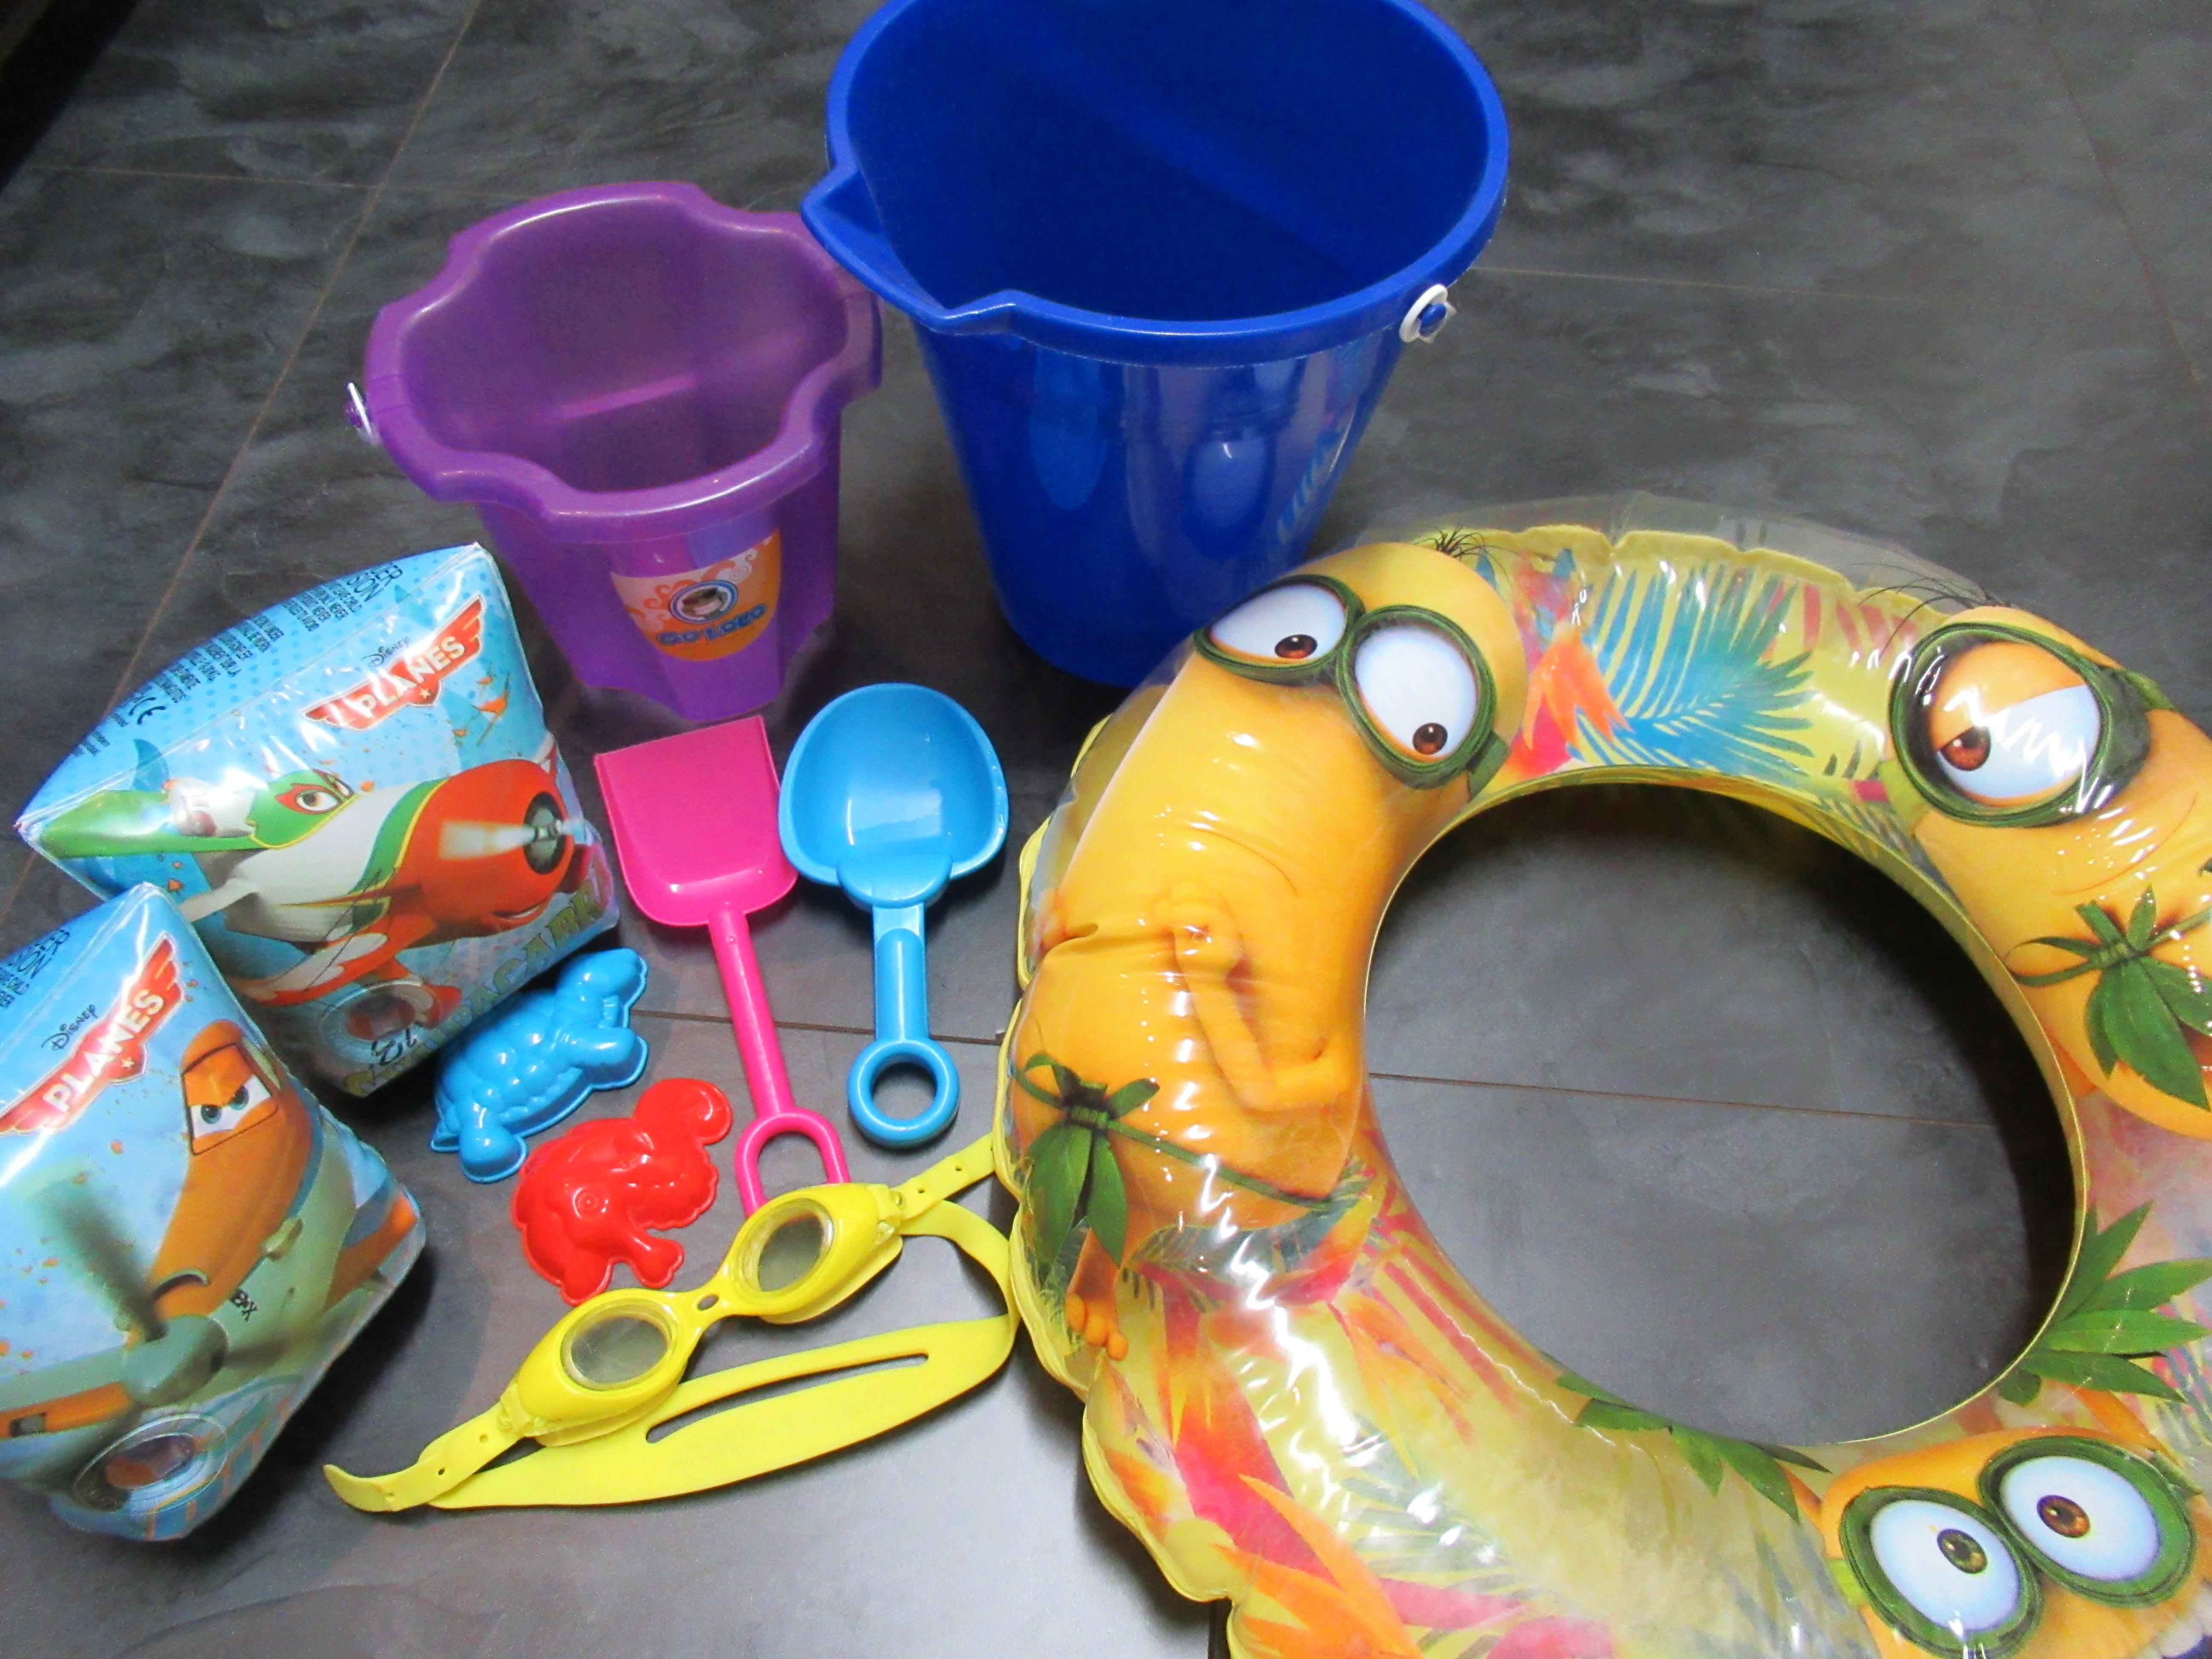 ハワイでビーチ道具は何が要る?現地調達と日本から持参するもの|子連れハワイブログ